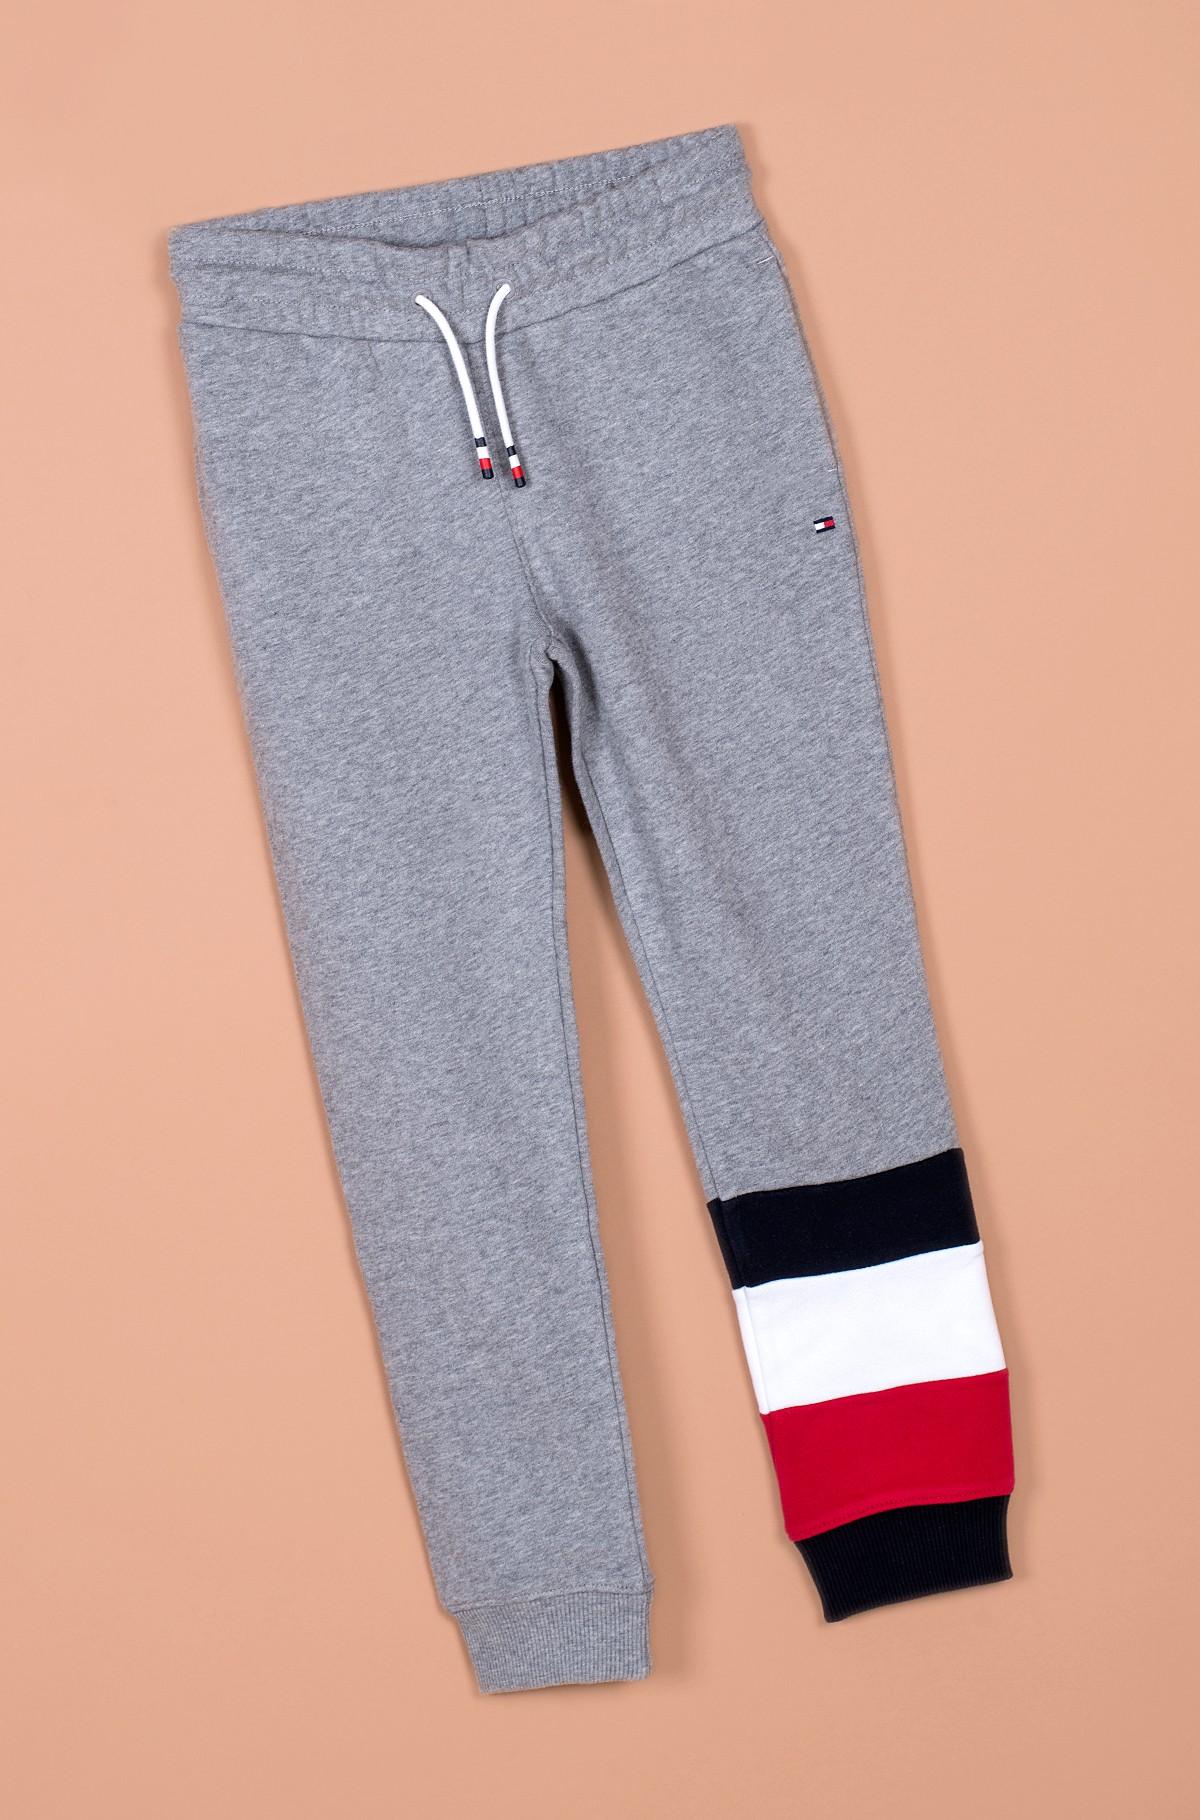 Vaikiškos sportinės kelnės GLOBAL STRIPE COLORBLOCK PANTS-full-1